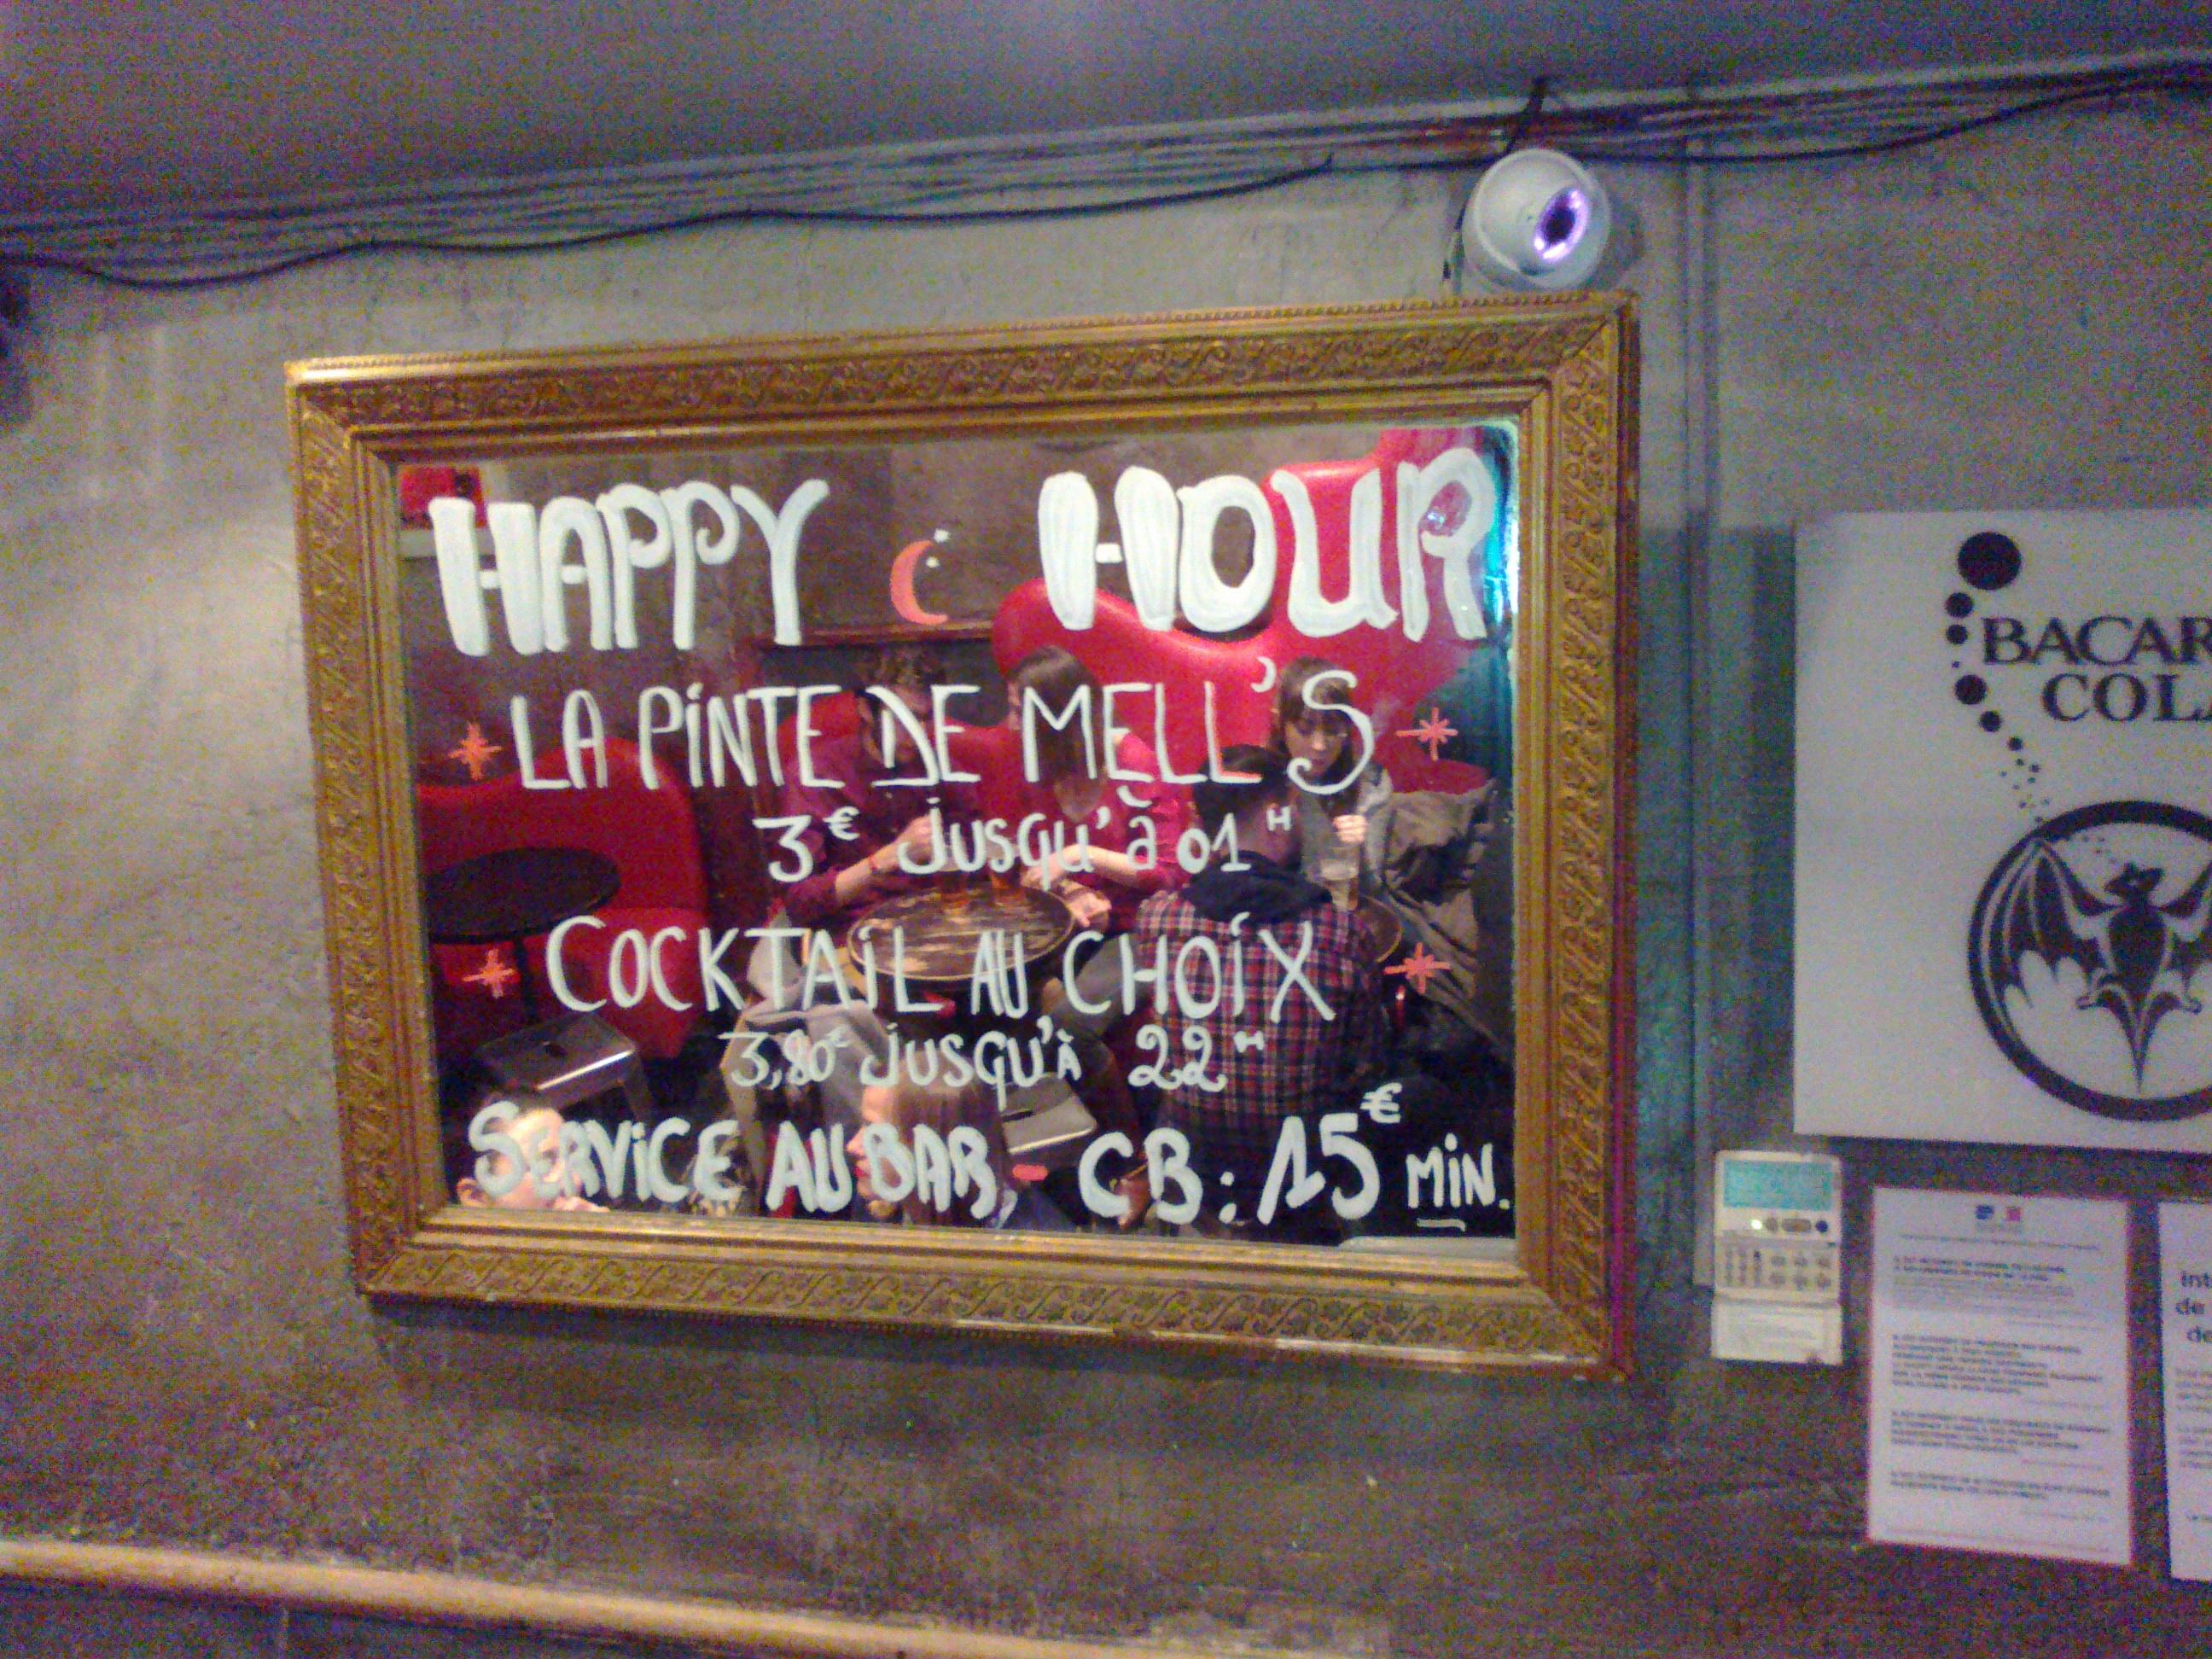 Objectif Lune Bar « Paris billig